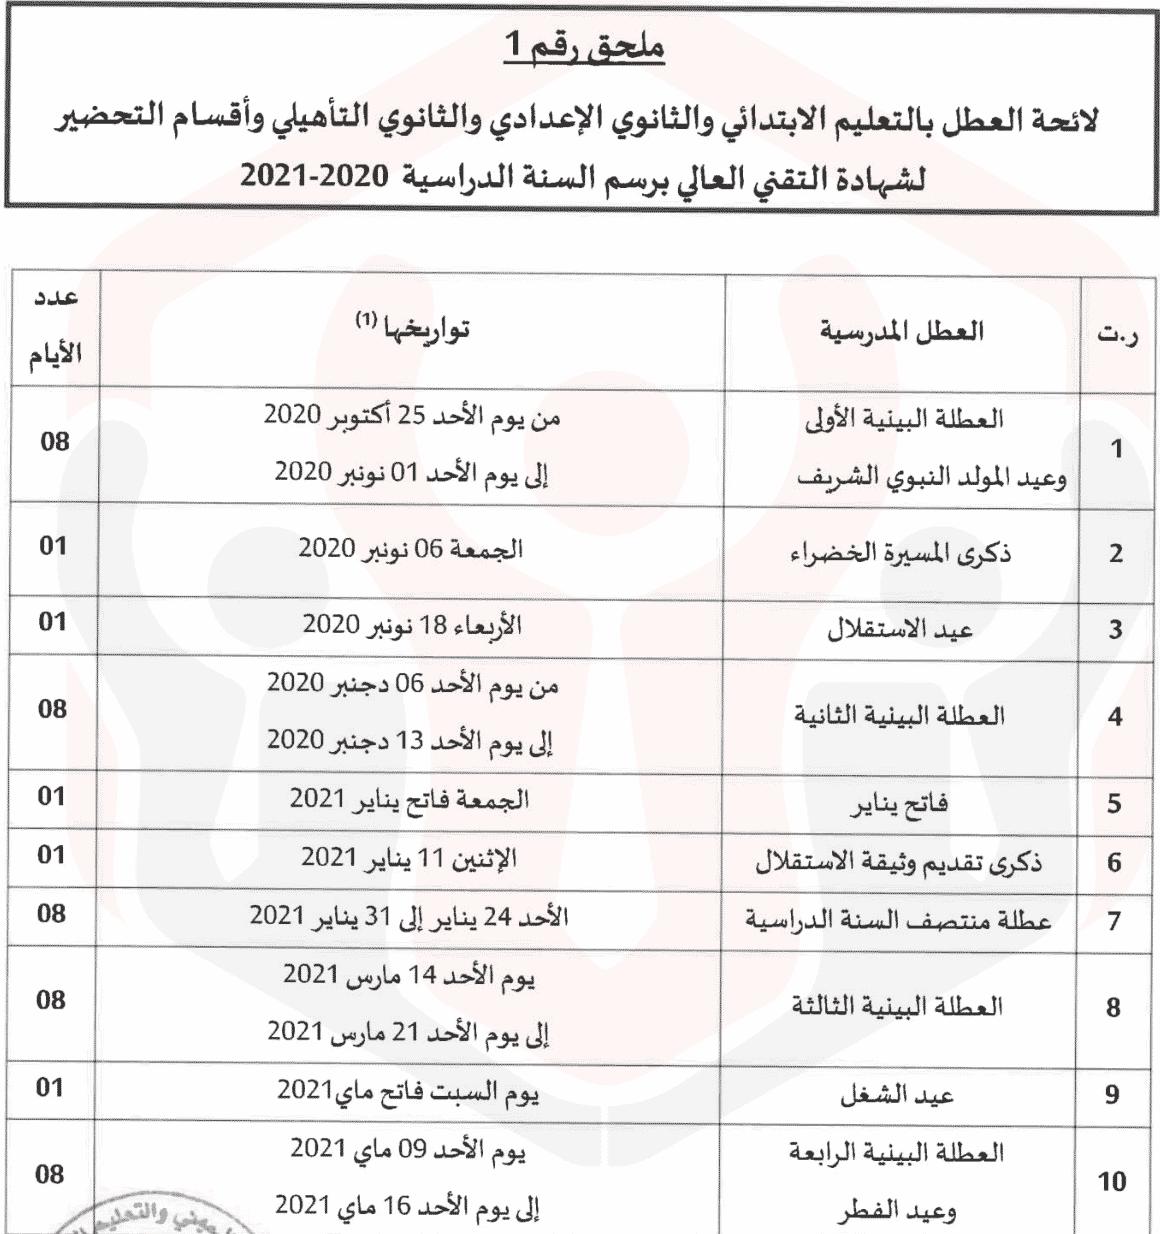 2021-2020 لائحة العطل المدرسية بالمغرب